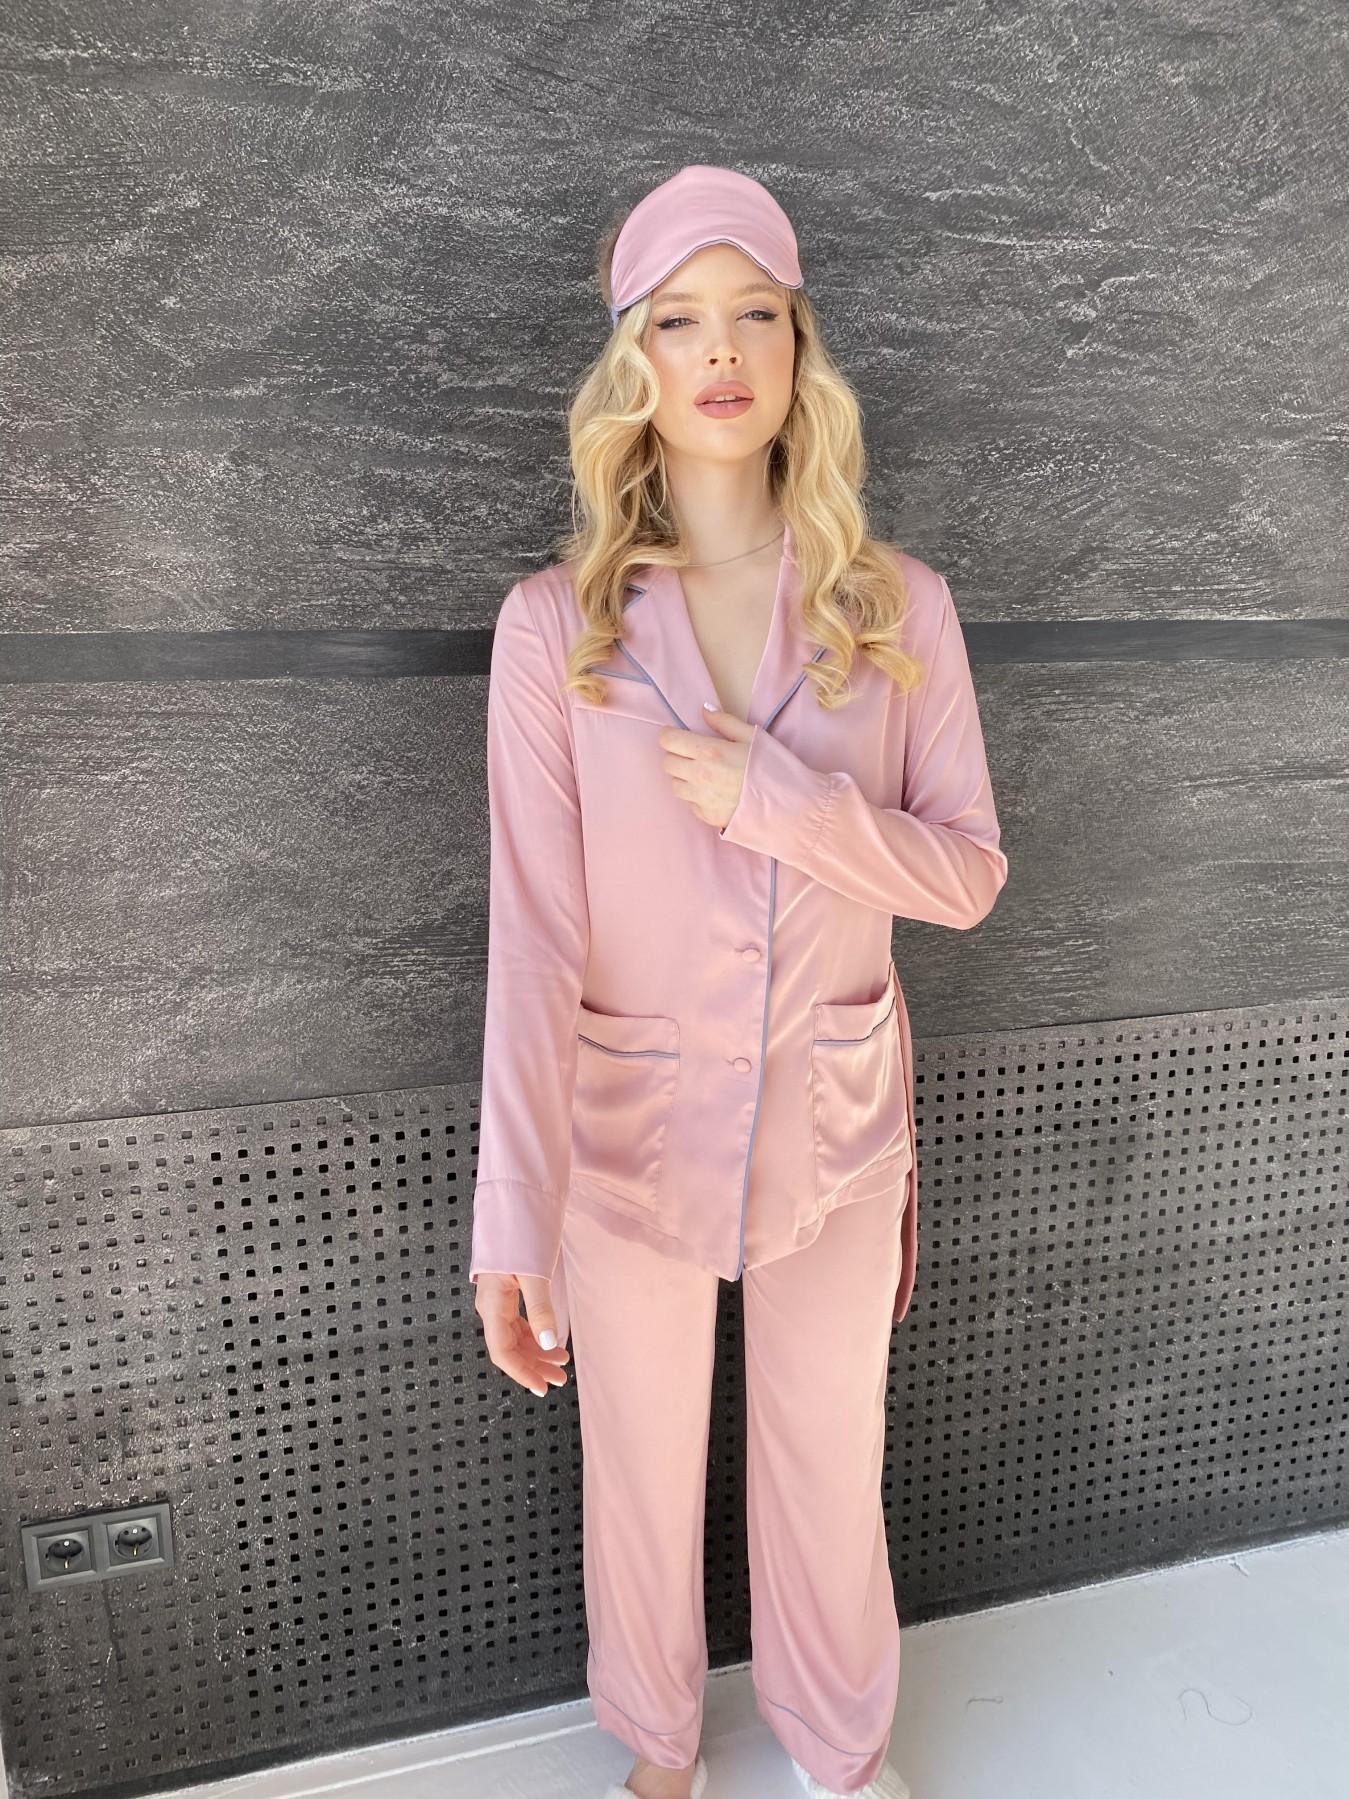 Шайн костюм из шелка  10778 АРТ. 47213 Цвет: Розовый - фото 7, интернет магазин tm-modus.ru